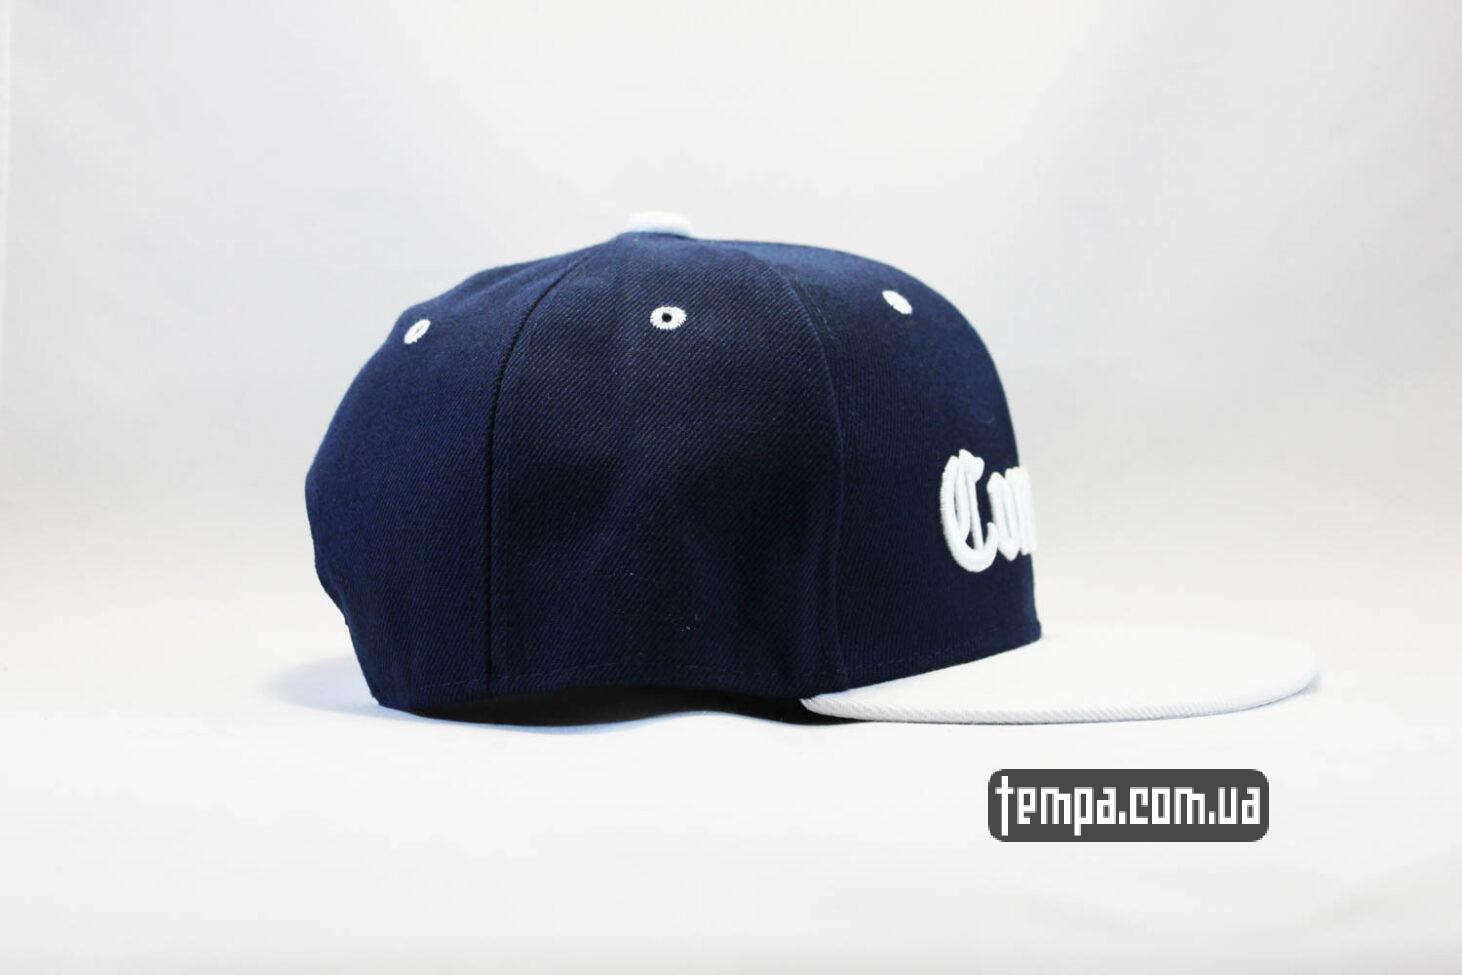 гетто одежда купить кепка Snapback Compton New Era Синяя с белым